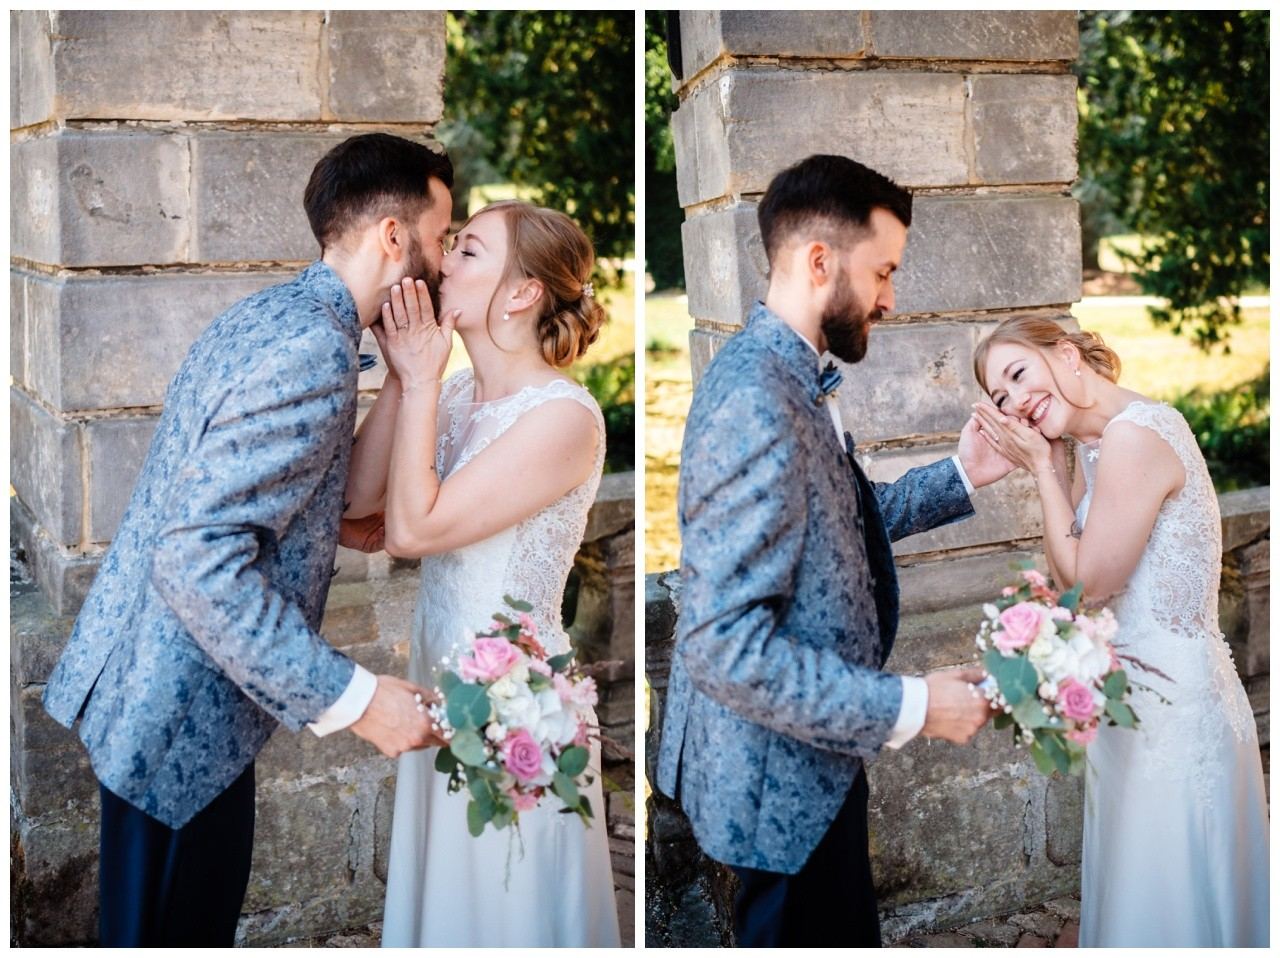 Hochzeit Nikolaus Kloster Juechen Standesamt Trauung Hochzeitsfotograf 21 - Standesamtliche Hochzeit im Nikolauskloster Jüchen